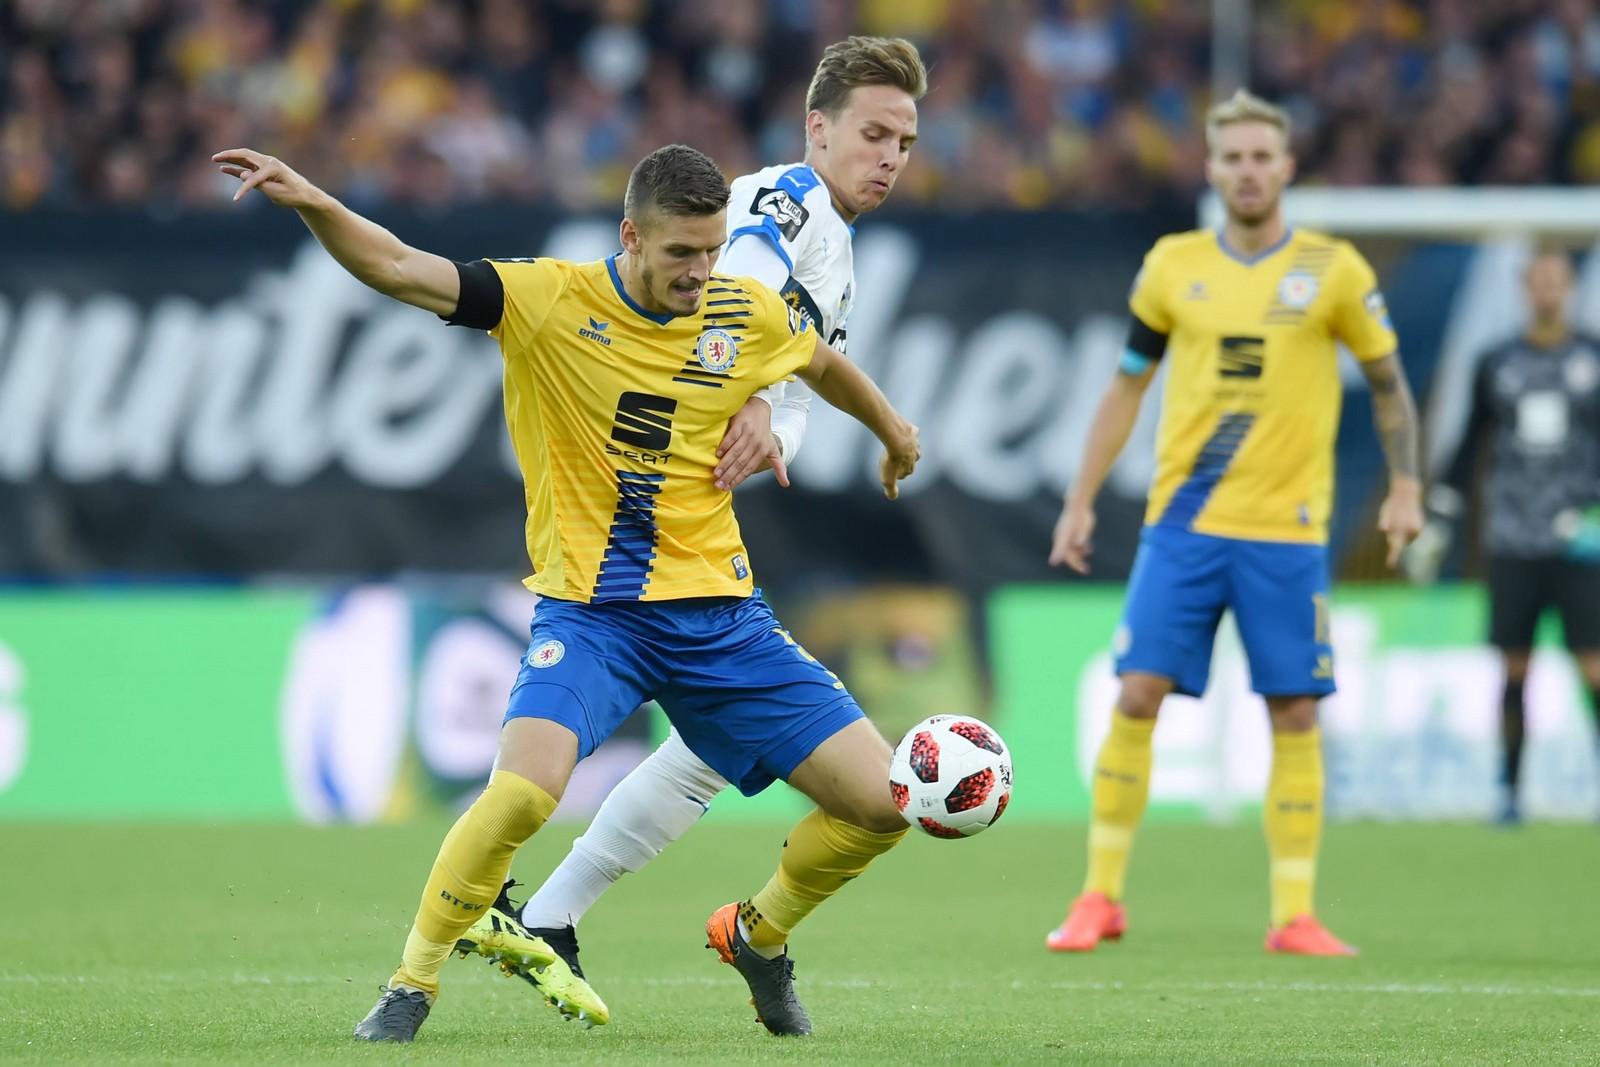 Kann Gustav Valsvik die Eintracht gegen Uerdingen zum Sieg führen? Jetzt auf Braunschweig gegen Uerdingen wetten!